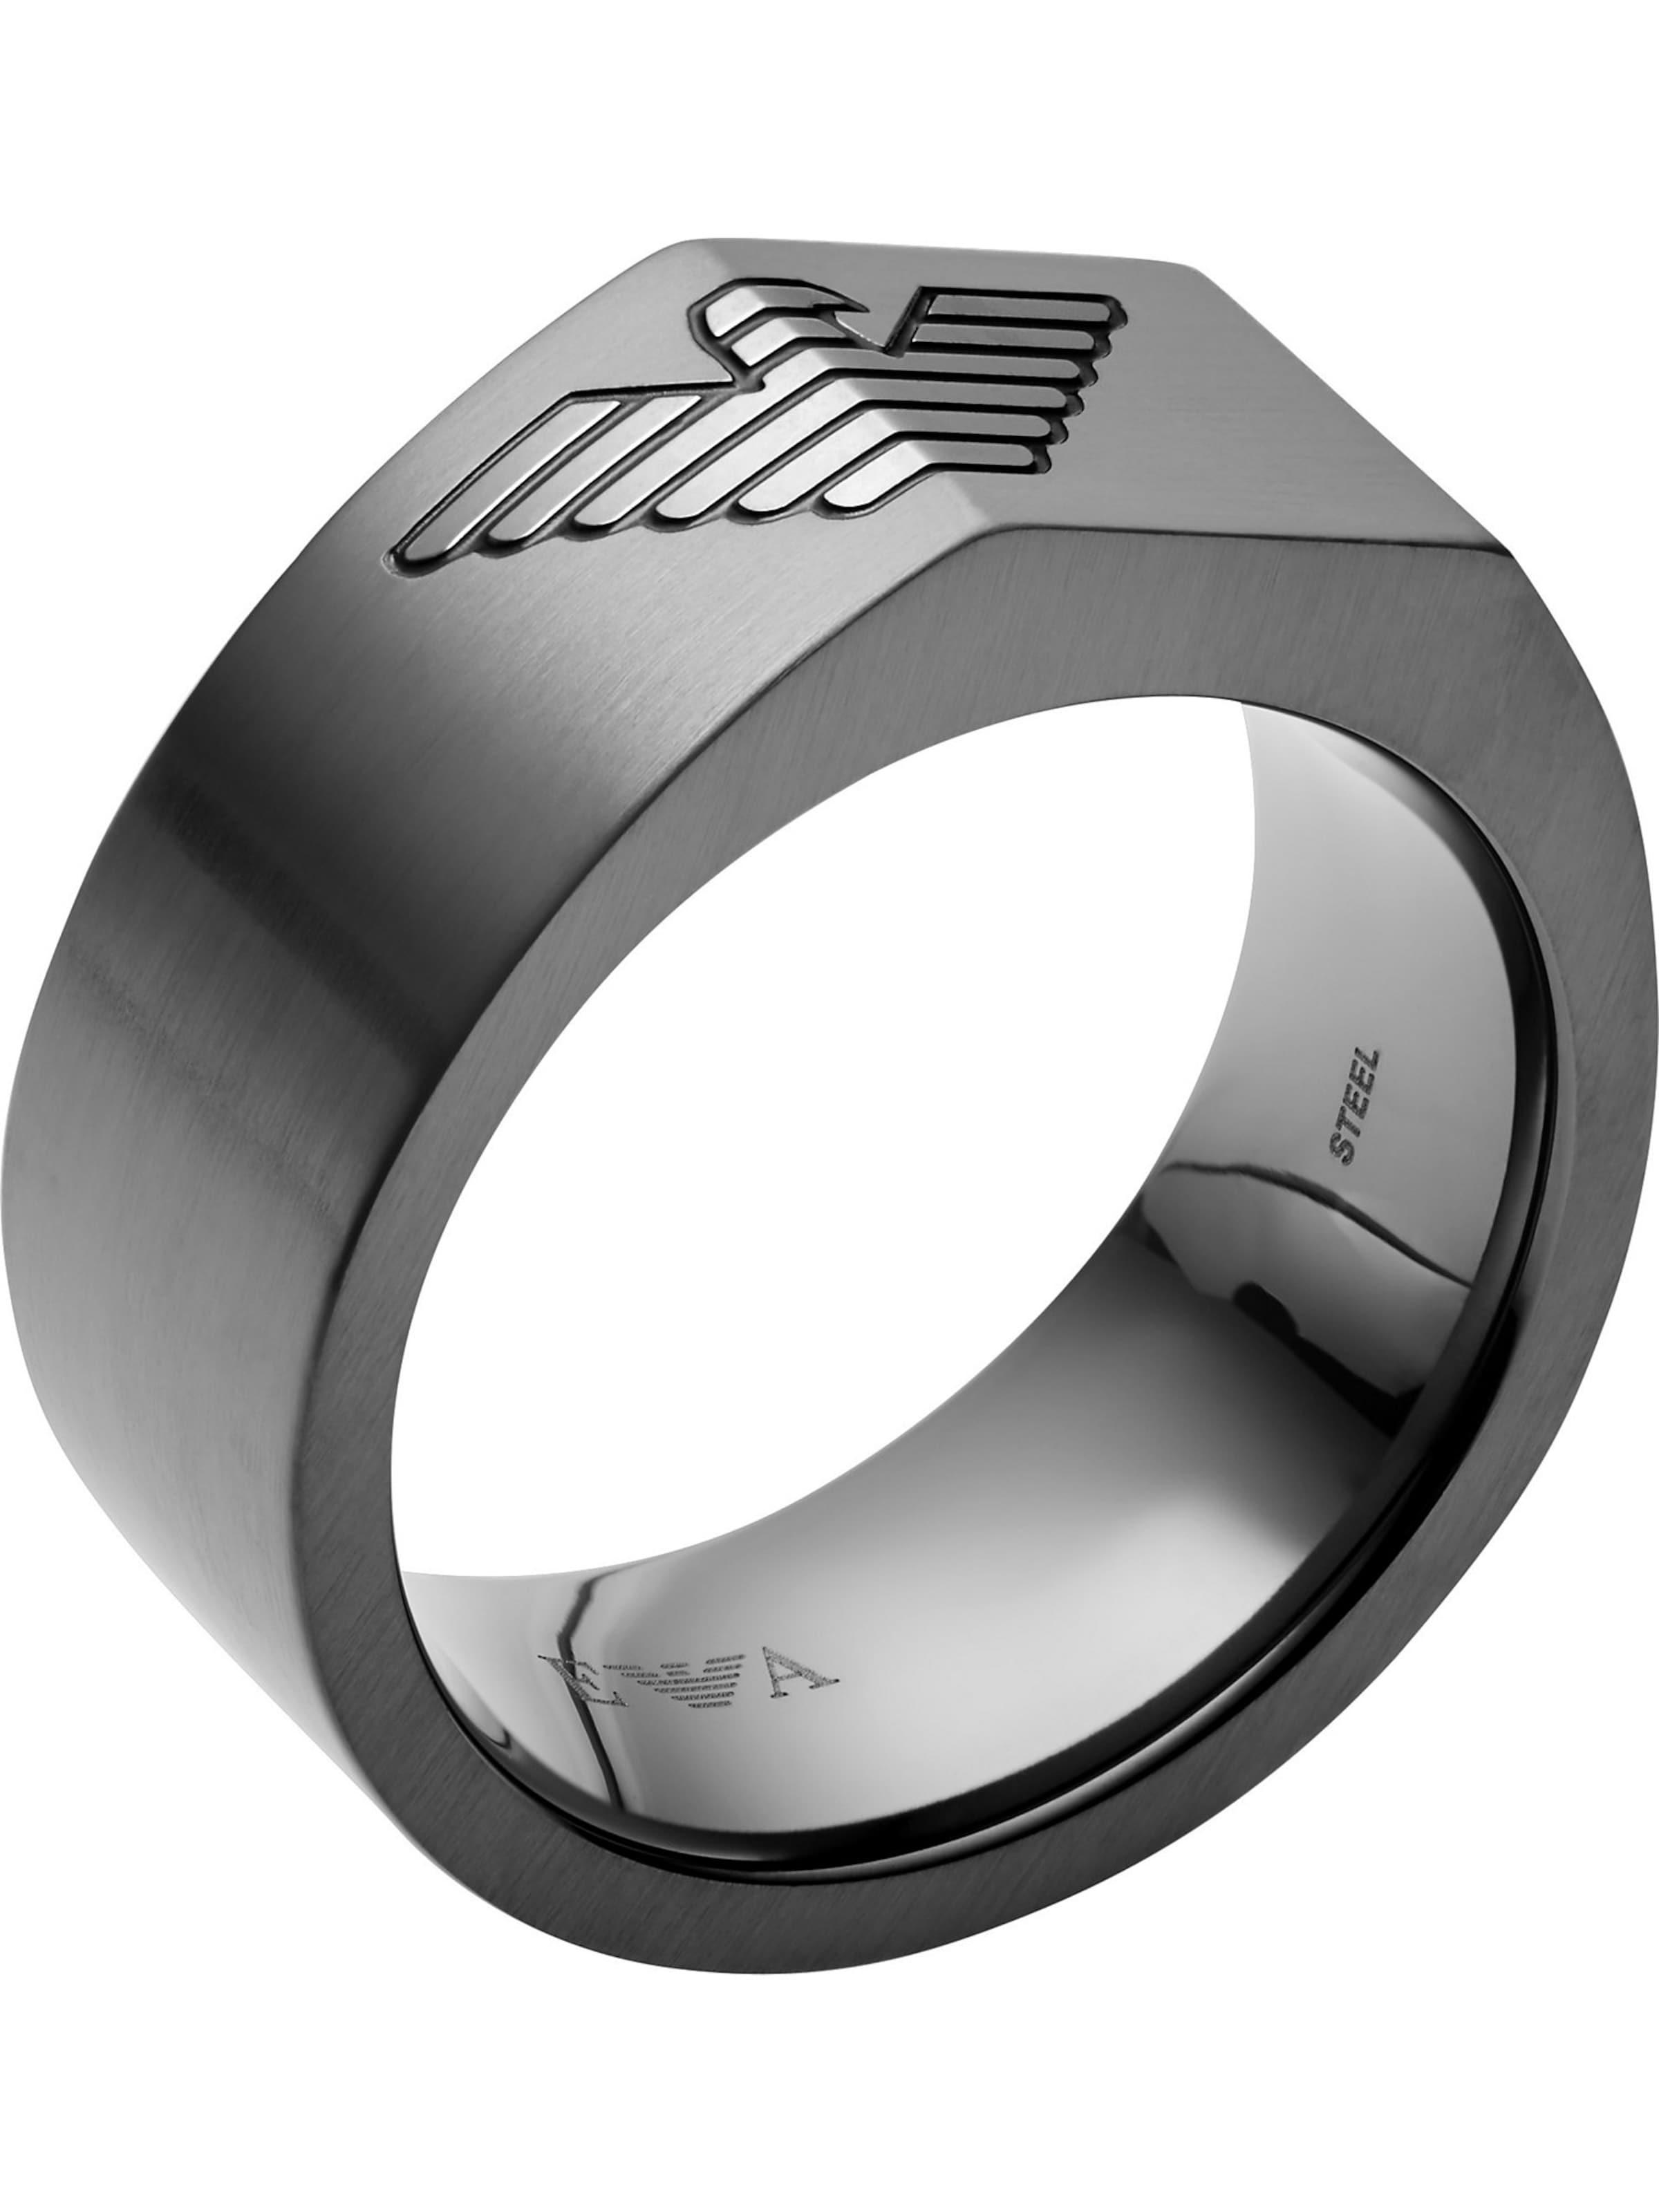 Emporio Emporio Ring In In Armani Dunkelgrau Ring Armani Ring Armani Emporio Dunkelgrau F1c3KJ5Tul